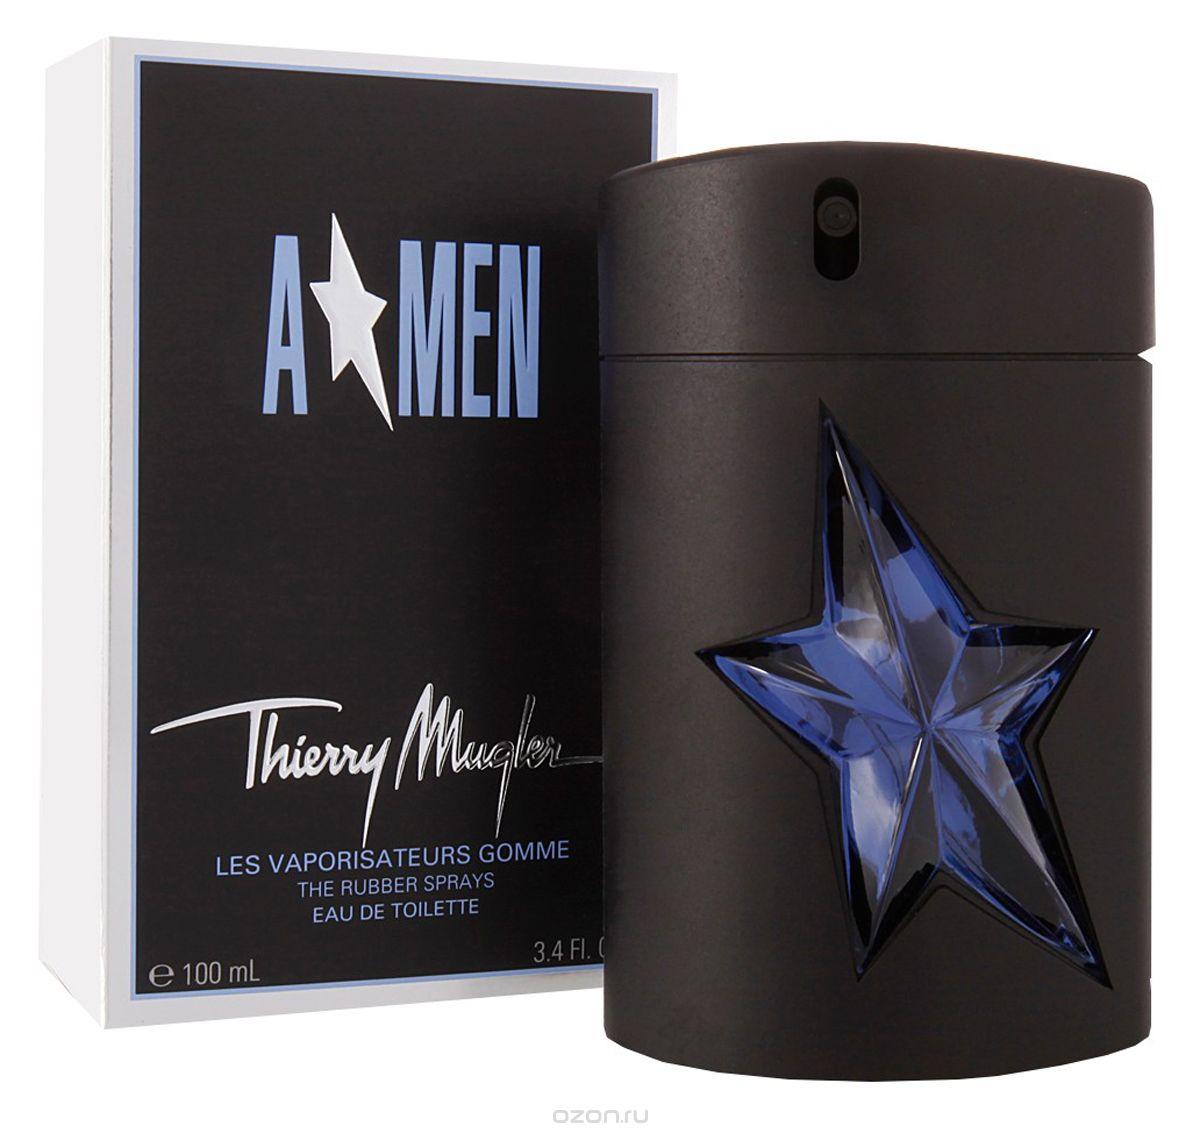 Thierry Mugler A*men Rubber